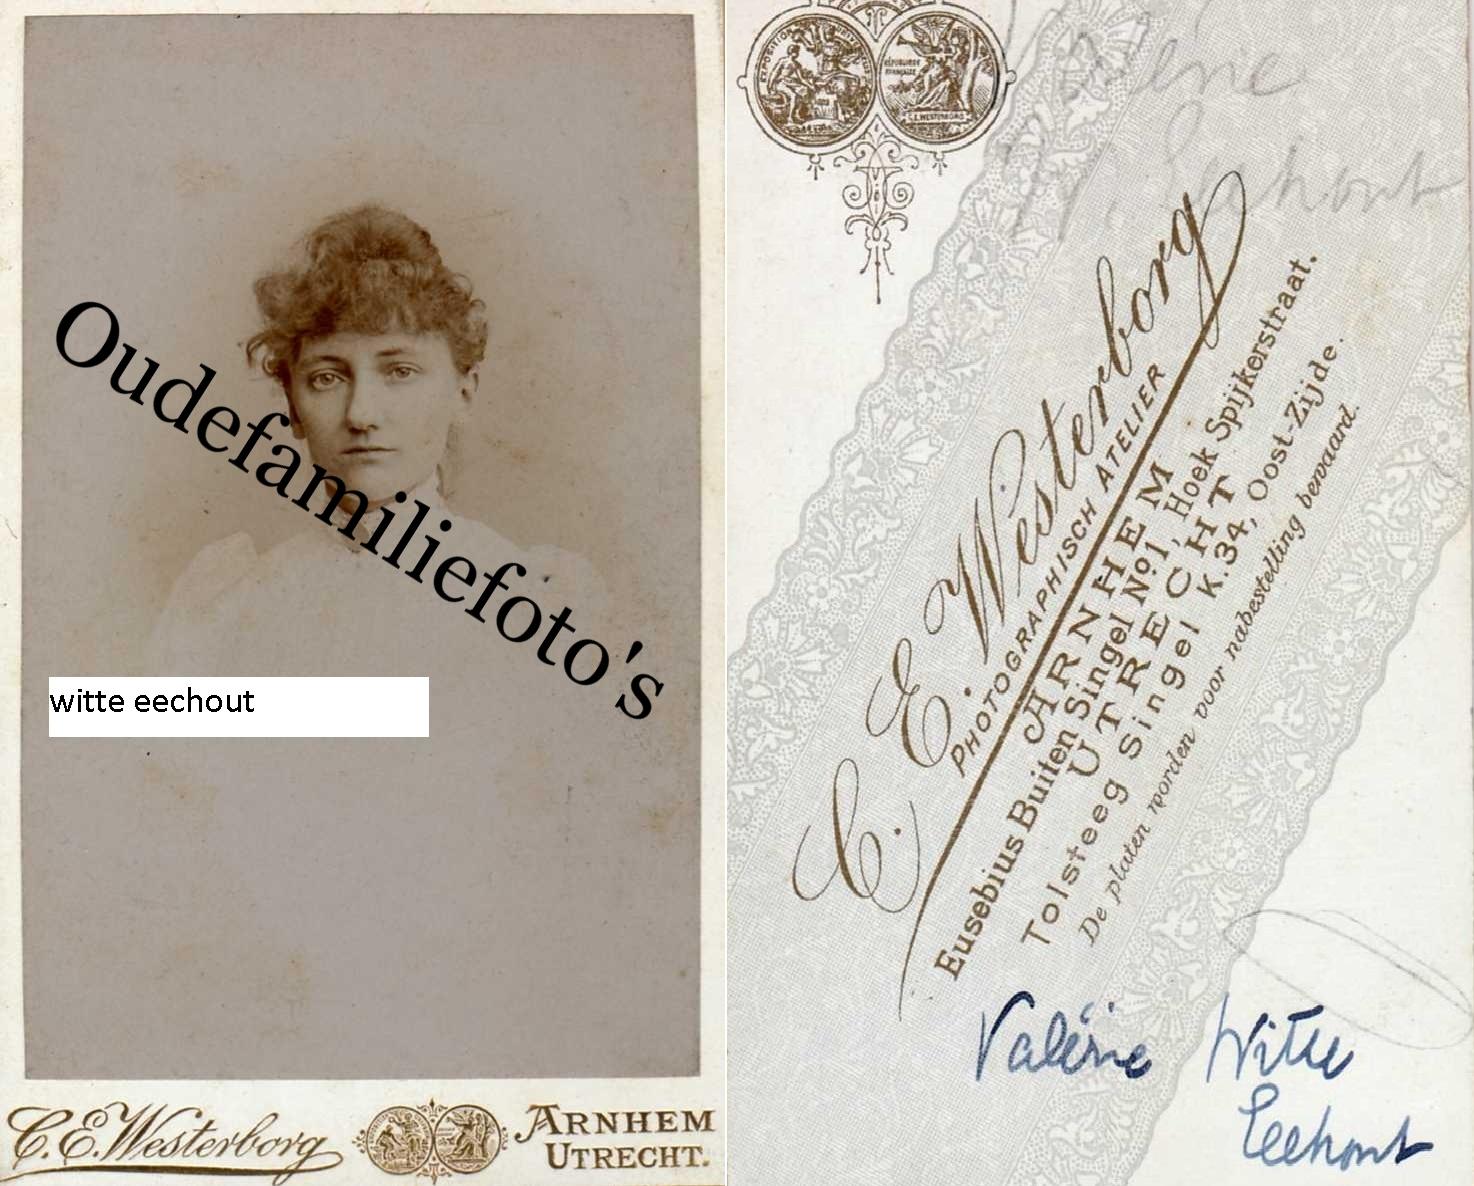 Eechout (Witte) Valeria Josina Geb. 24-2-1864 Breda Ovl. 8-2-1949 Maarssen. € 3,00